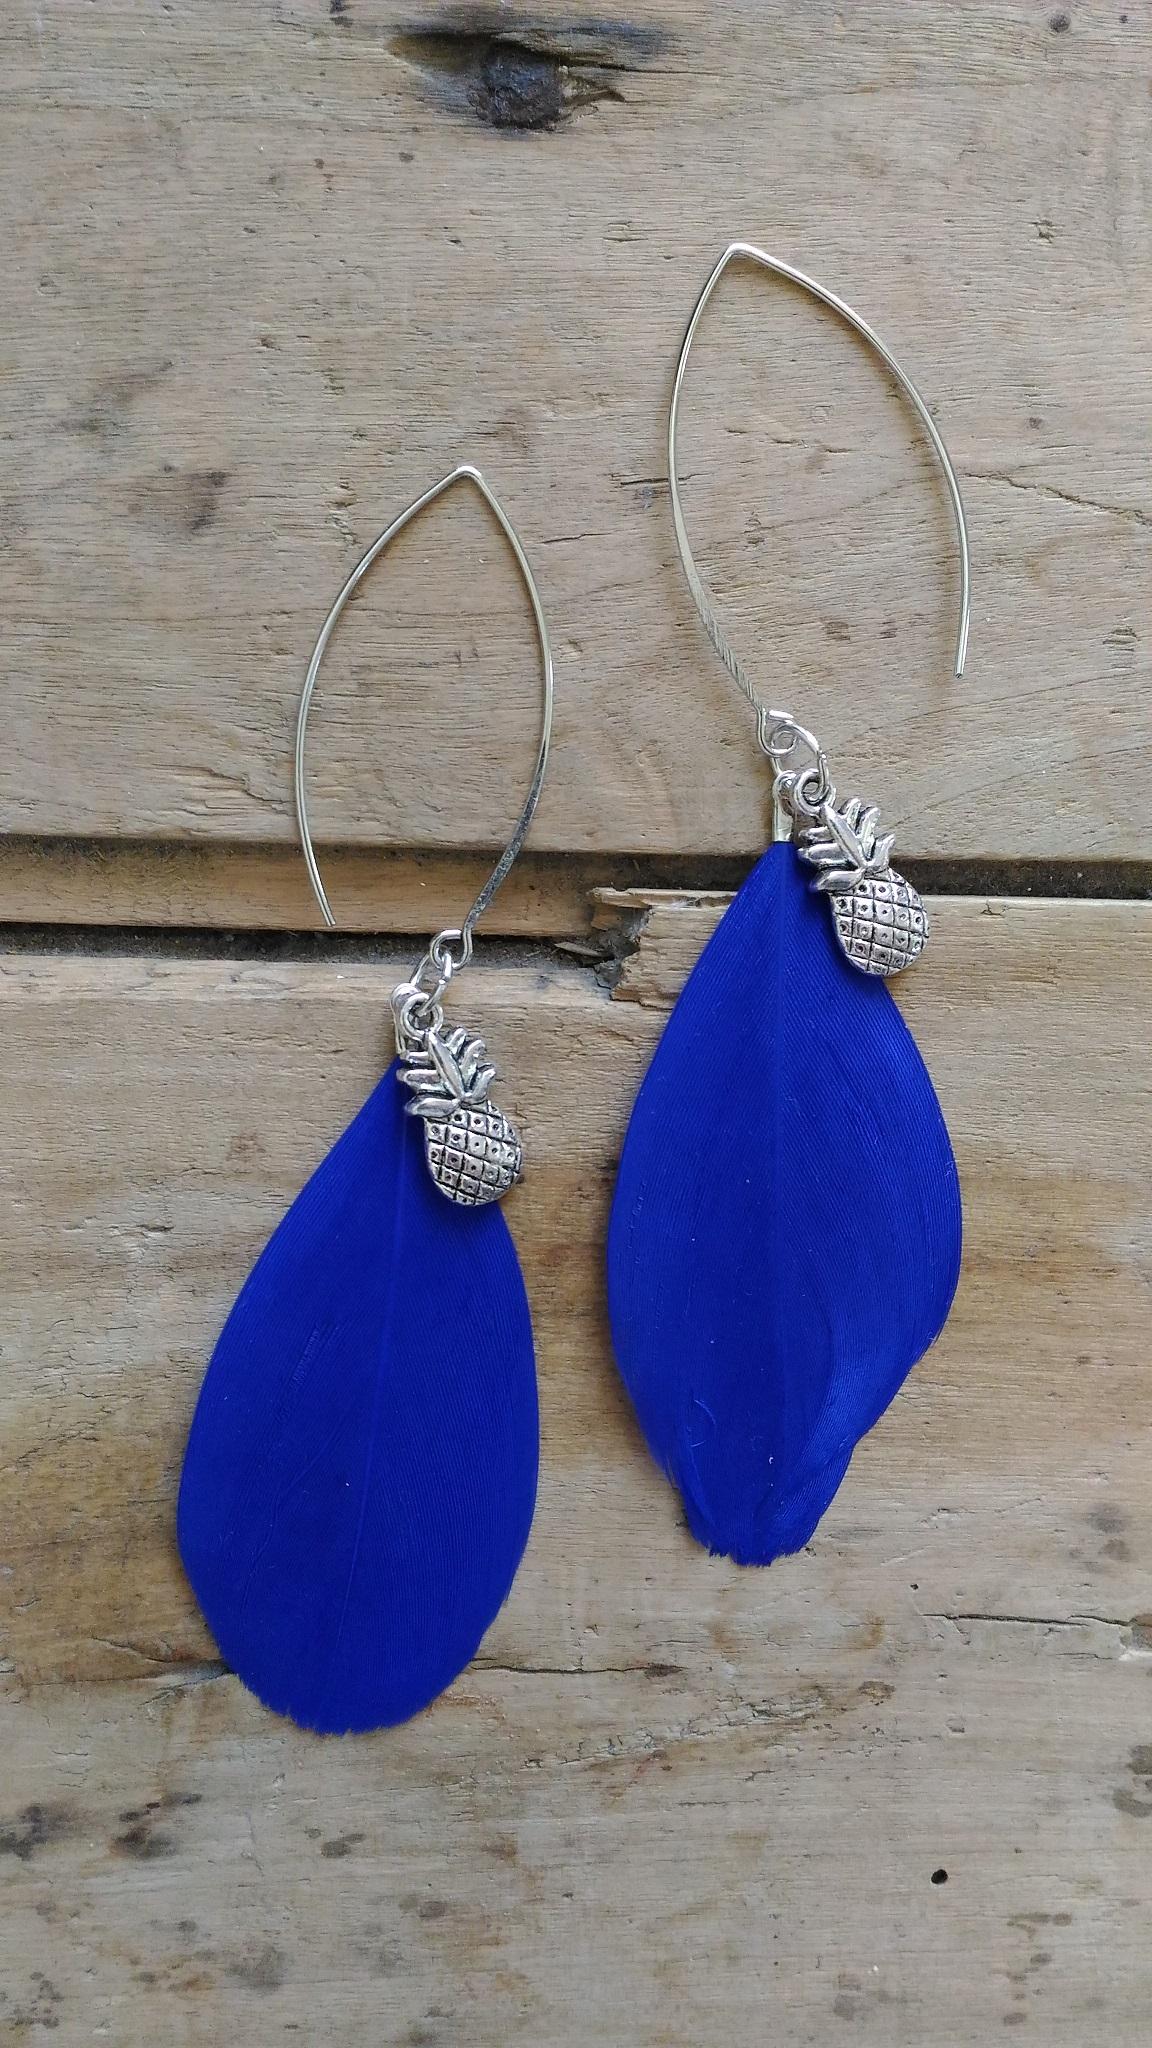 boucles d'oreille bleu nuit